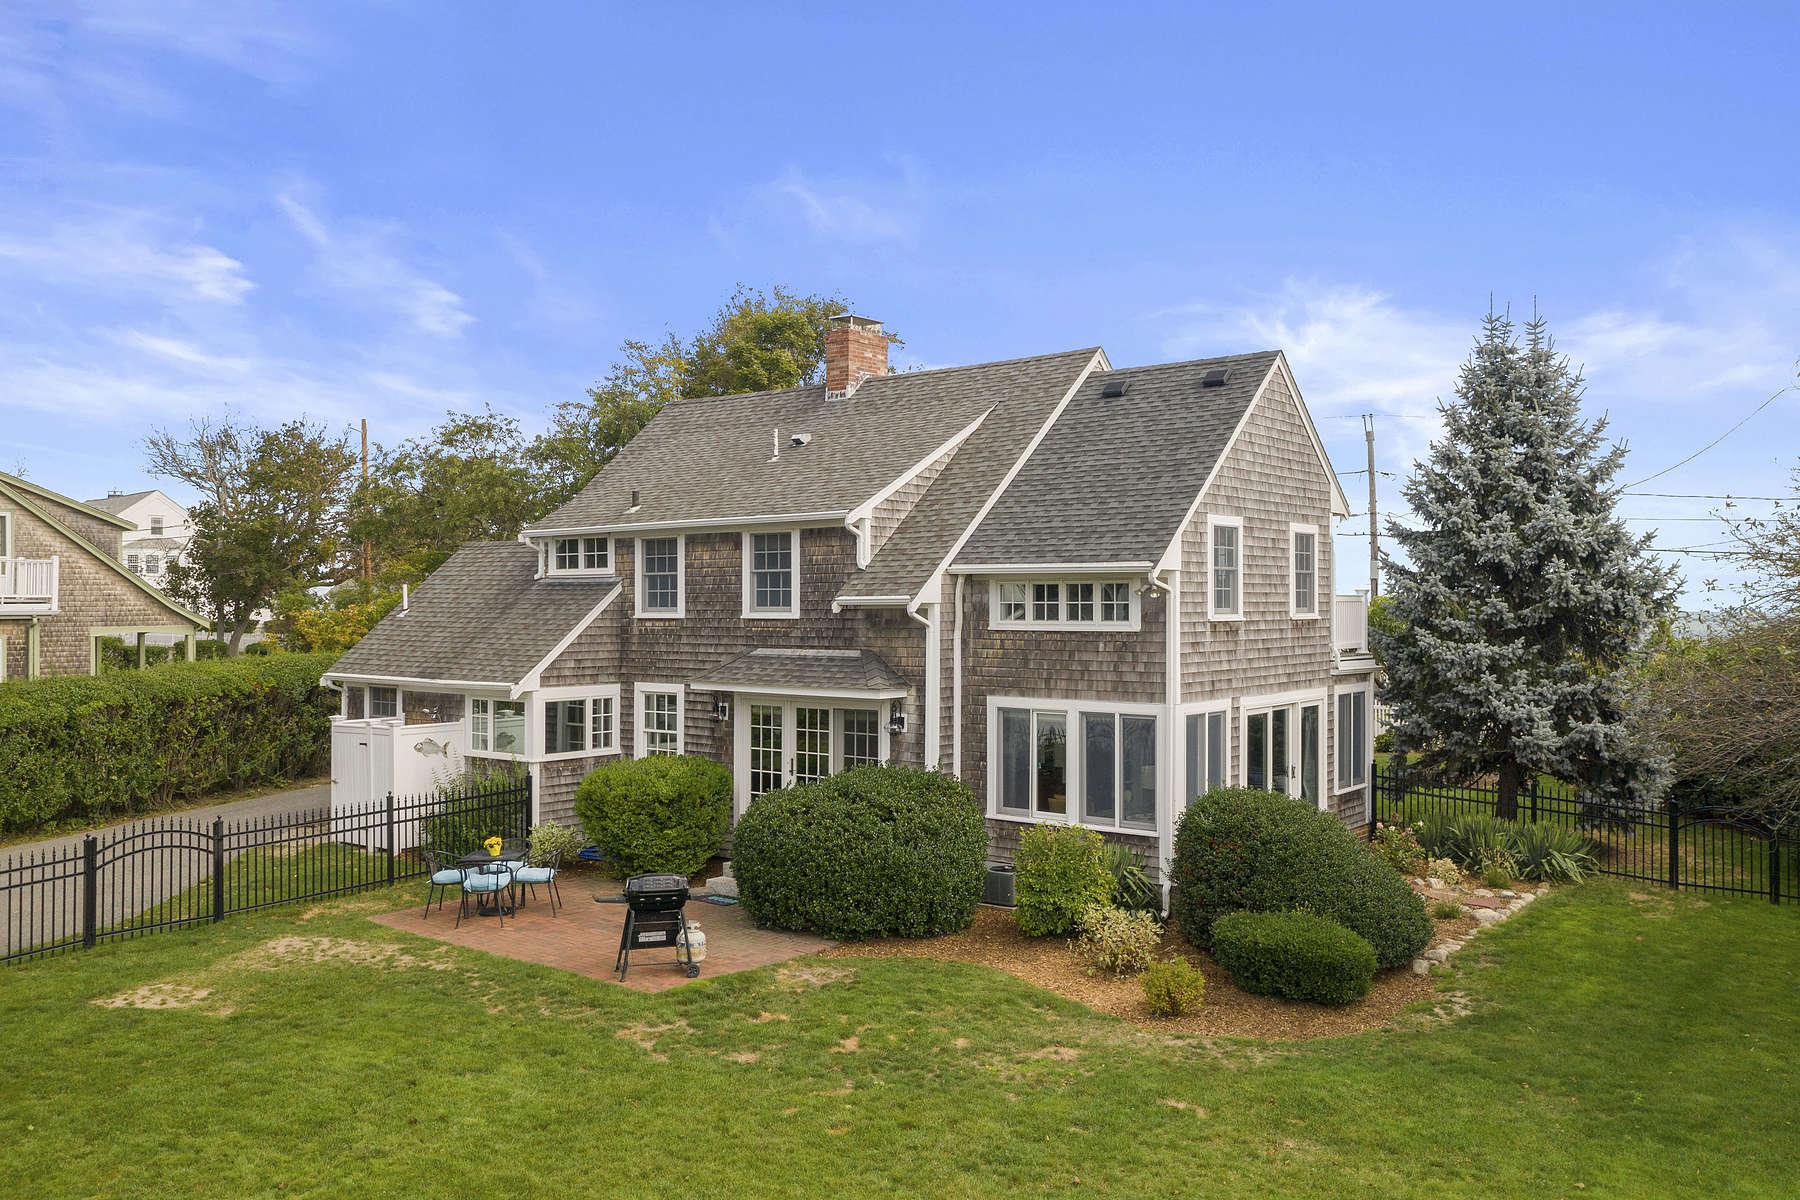 Single Family Homes pour l Vente à 55 Crescent Ave, Scituate 55 Crescent Avenue Scituate, Massachusetts 02066 États-Unis